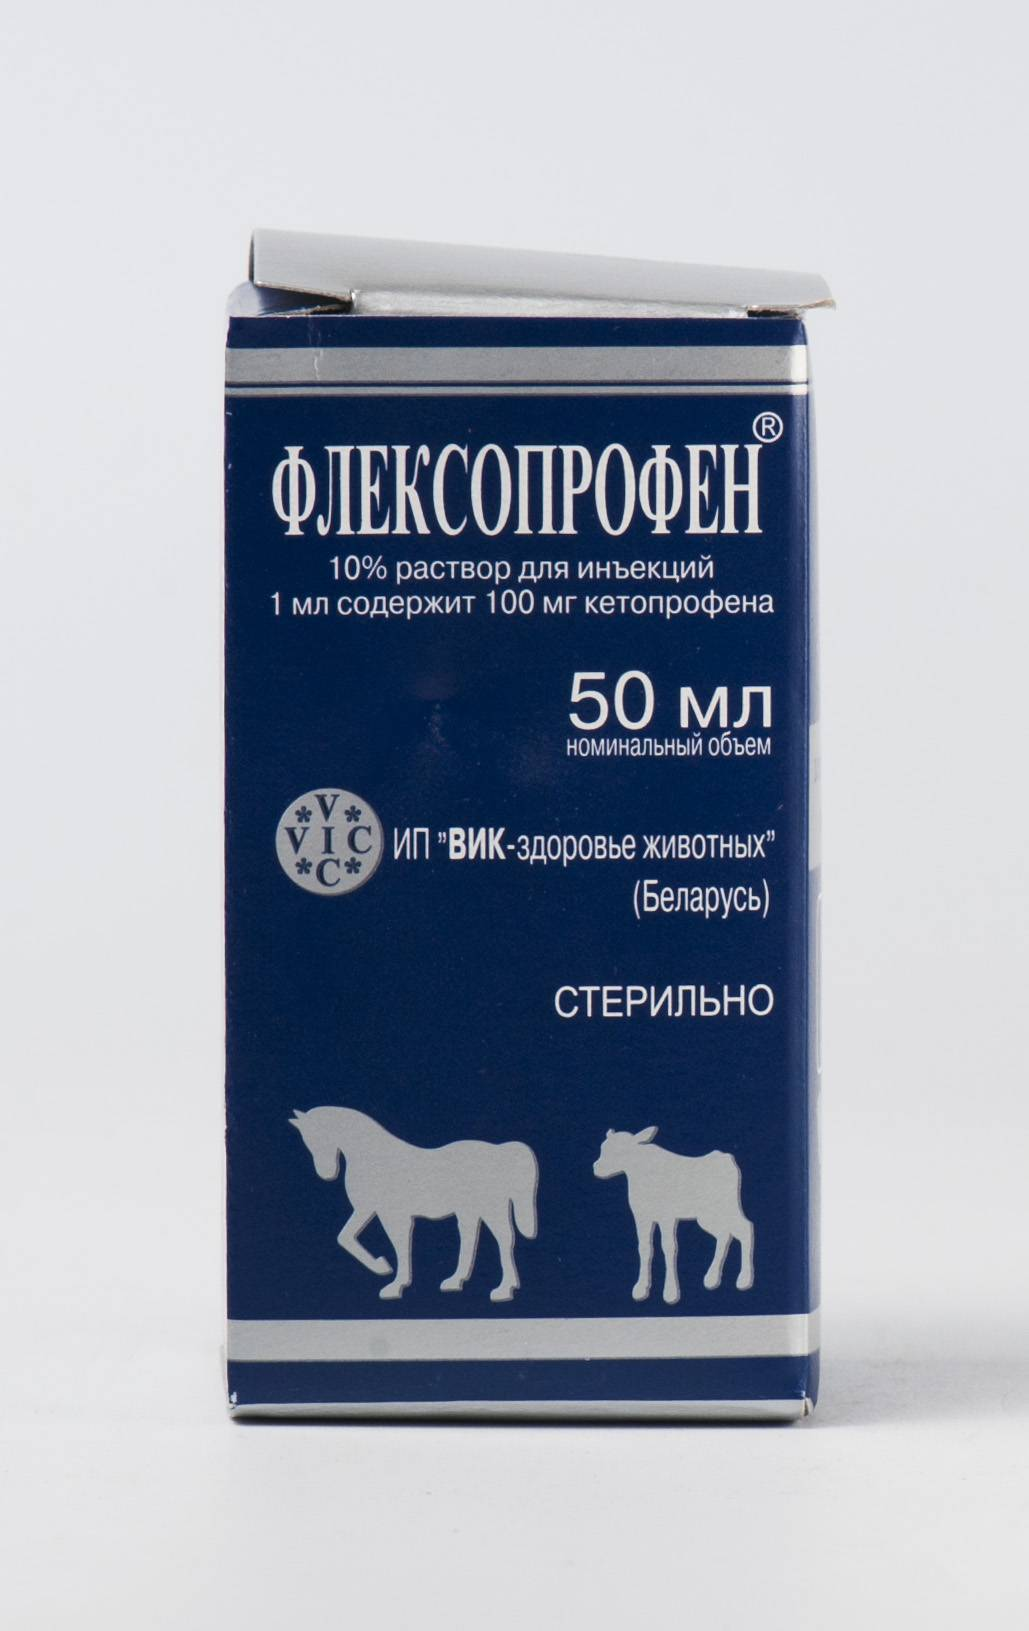 Раствор для инъекций для кошек и собак vic флексопрофен (раствор, 50 мл, 5 %, для инъекций) - цена, купить онлайн в санкт-петербурге, интернет-магазин зоотоваров - все аптеки